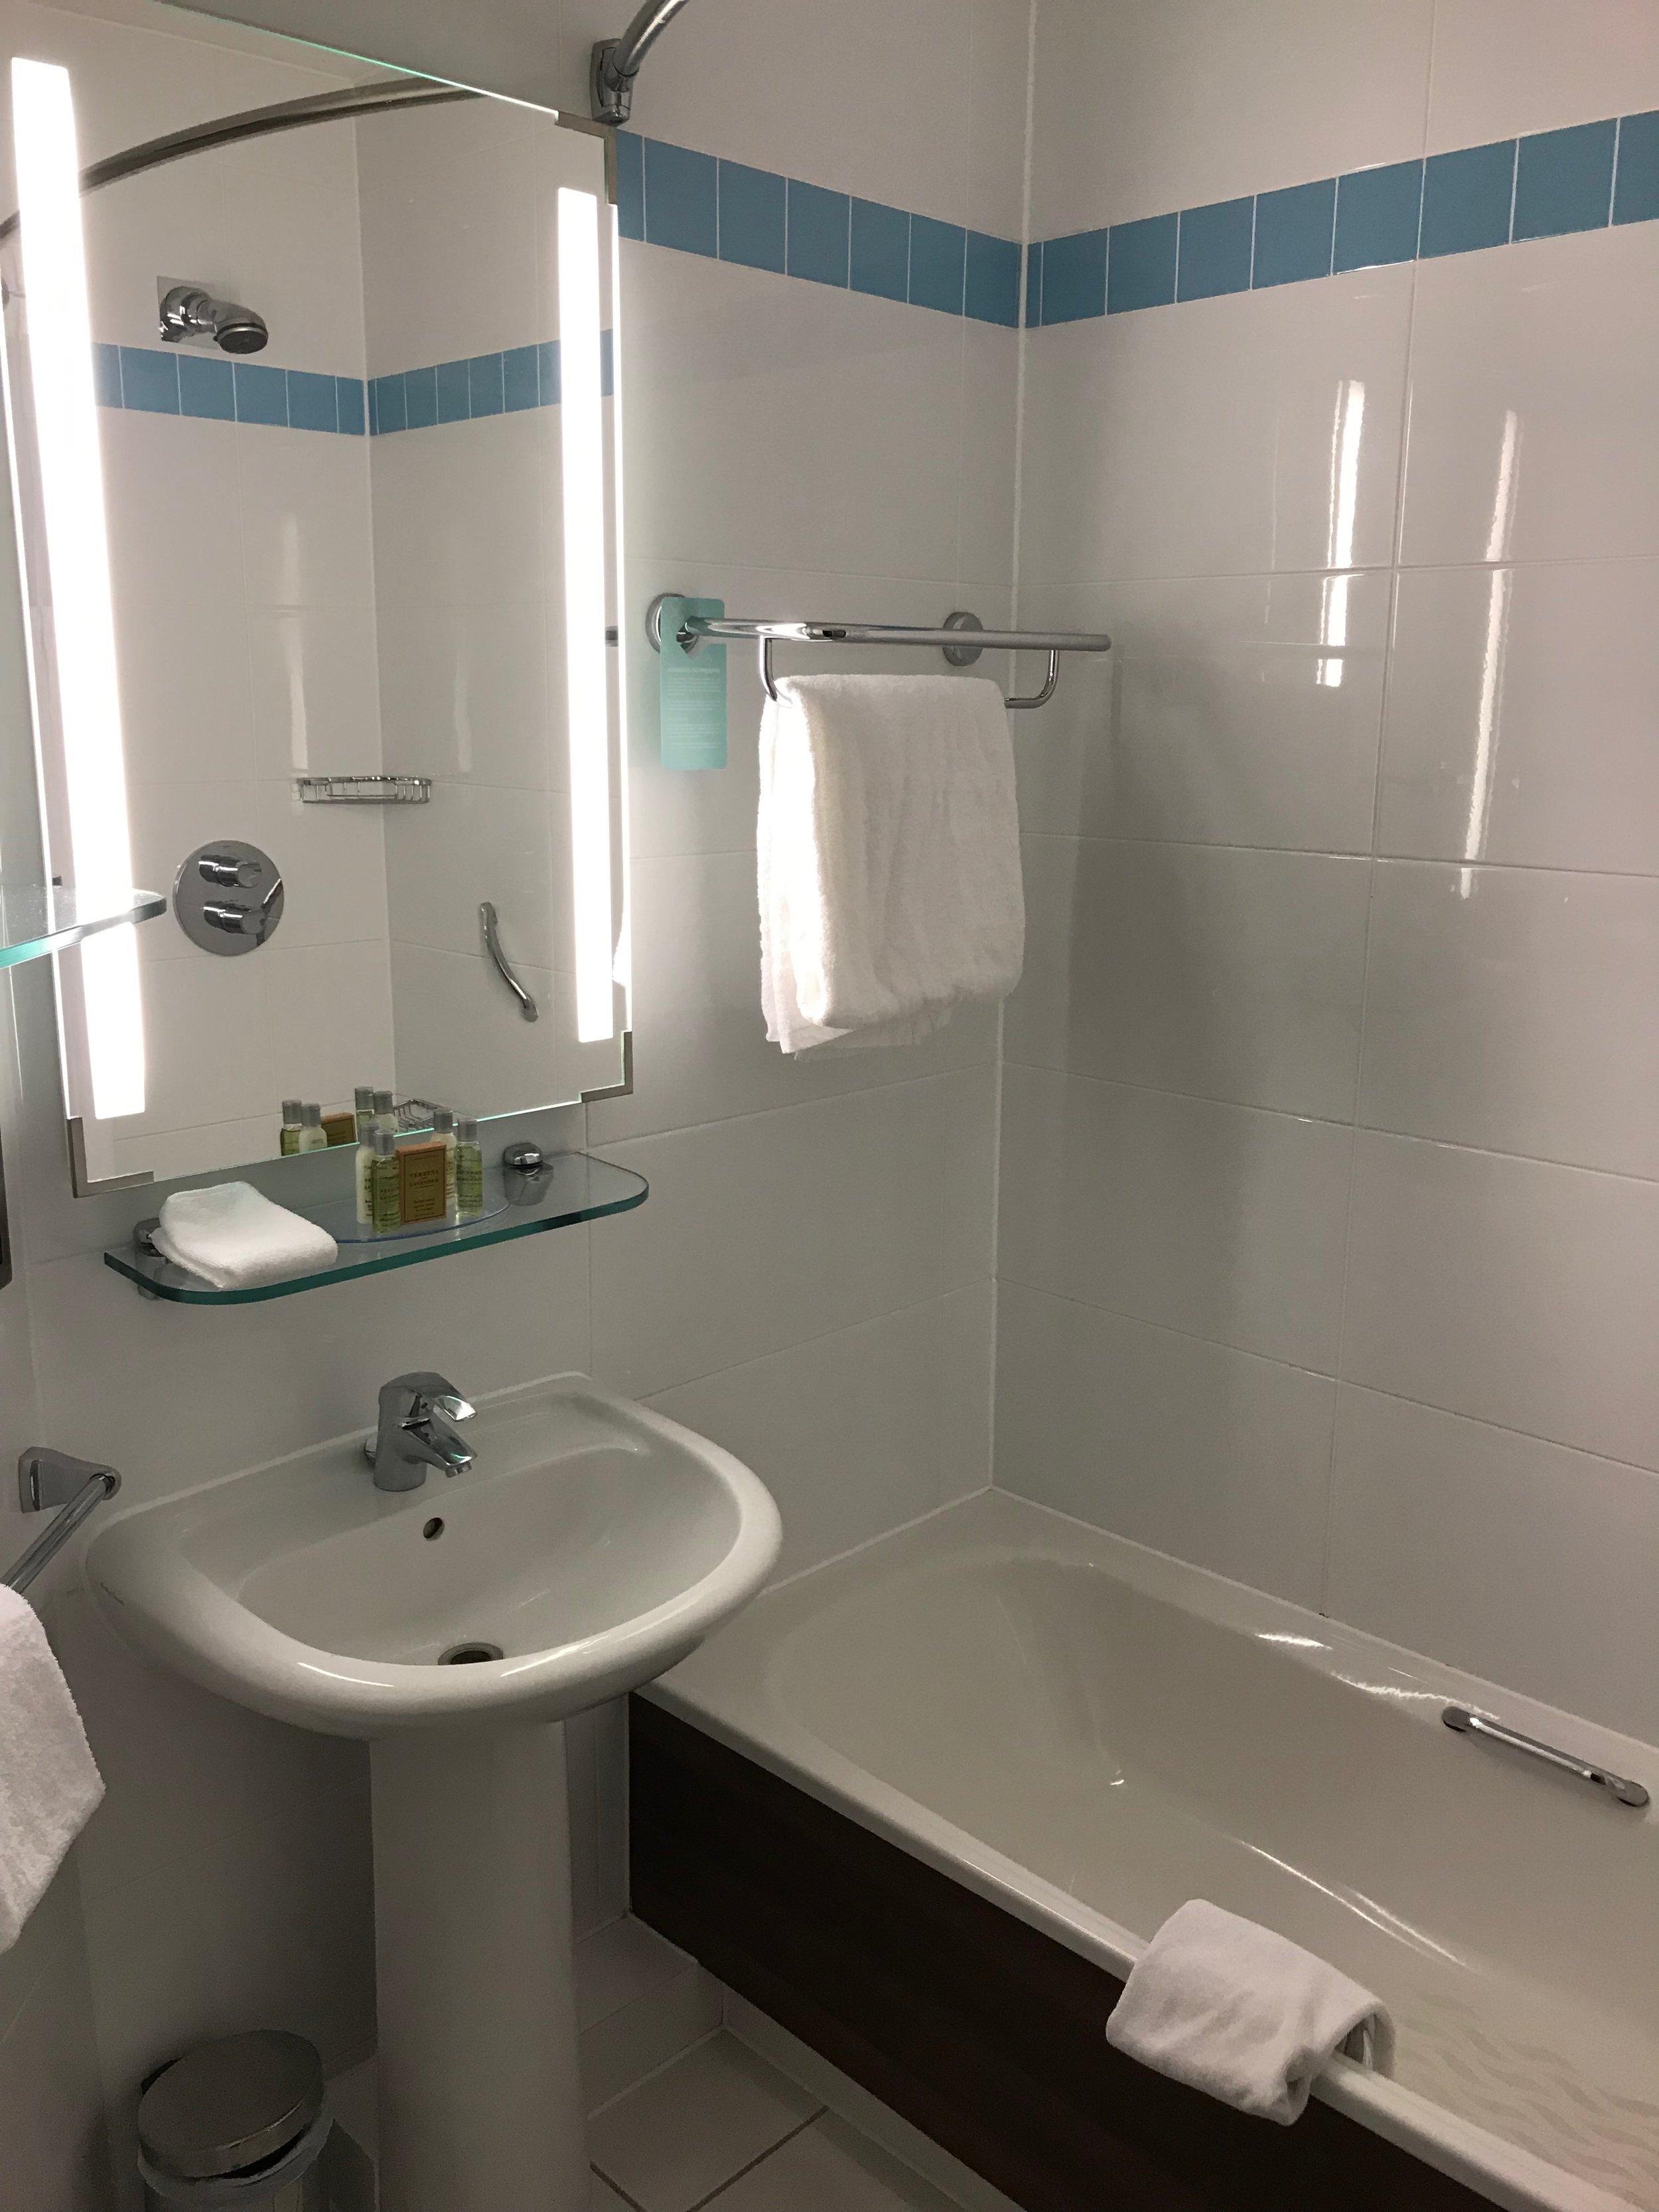 Hilton Garden Inn Heathrow bathroom